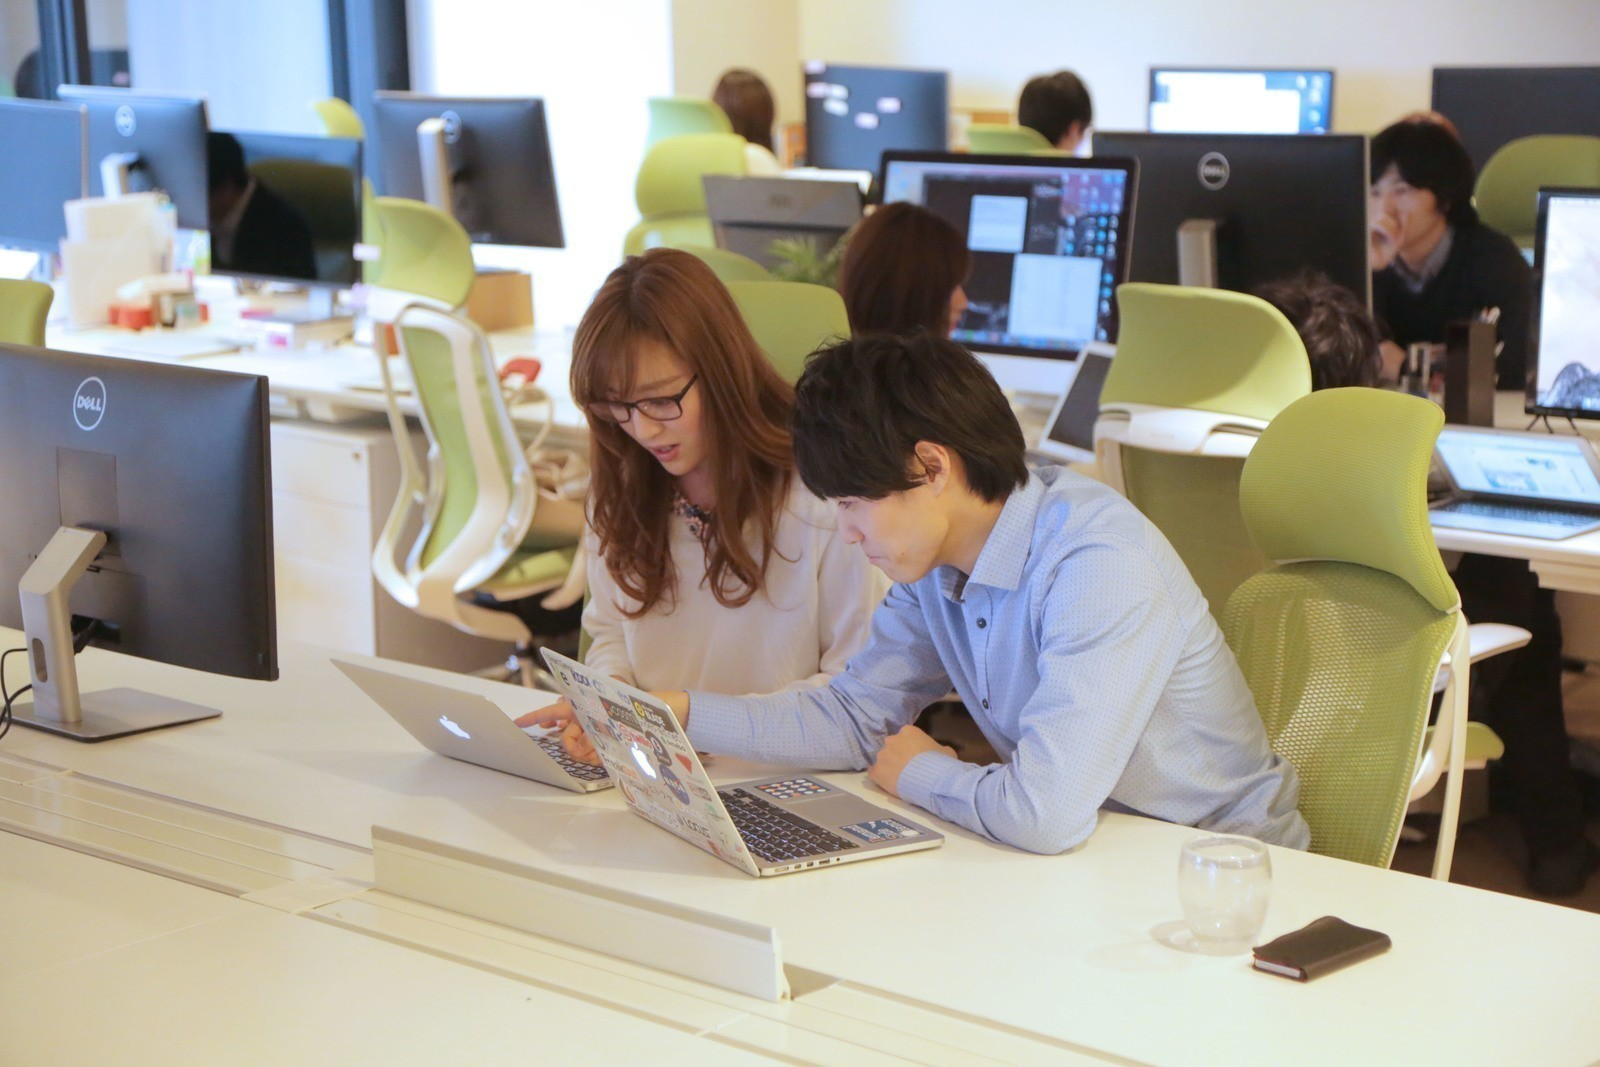 【新たな広告配信プラットフォーム】新規事業開発エンジニアを募集!